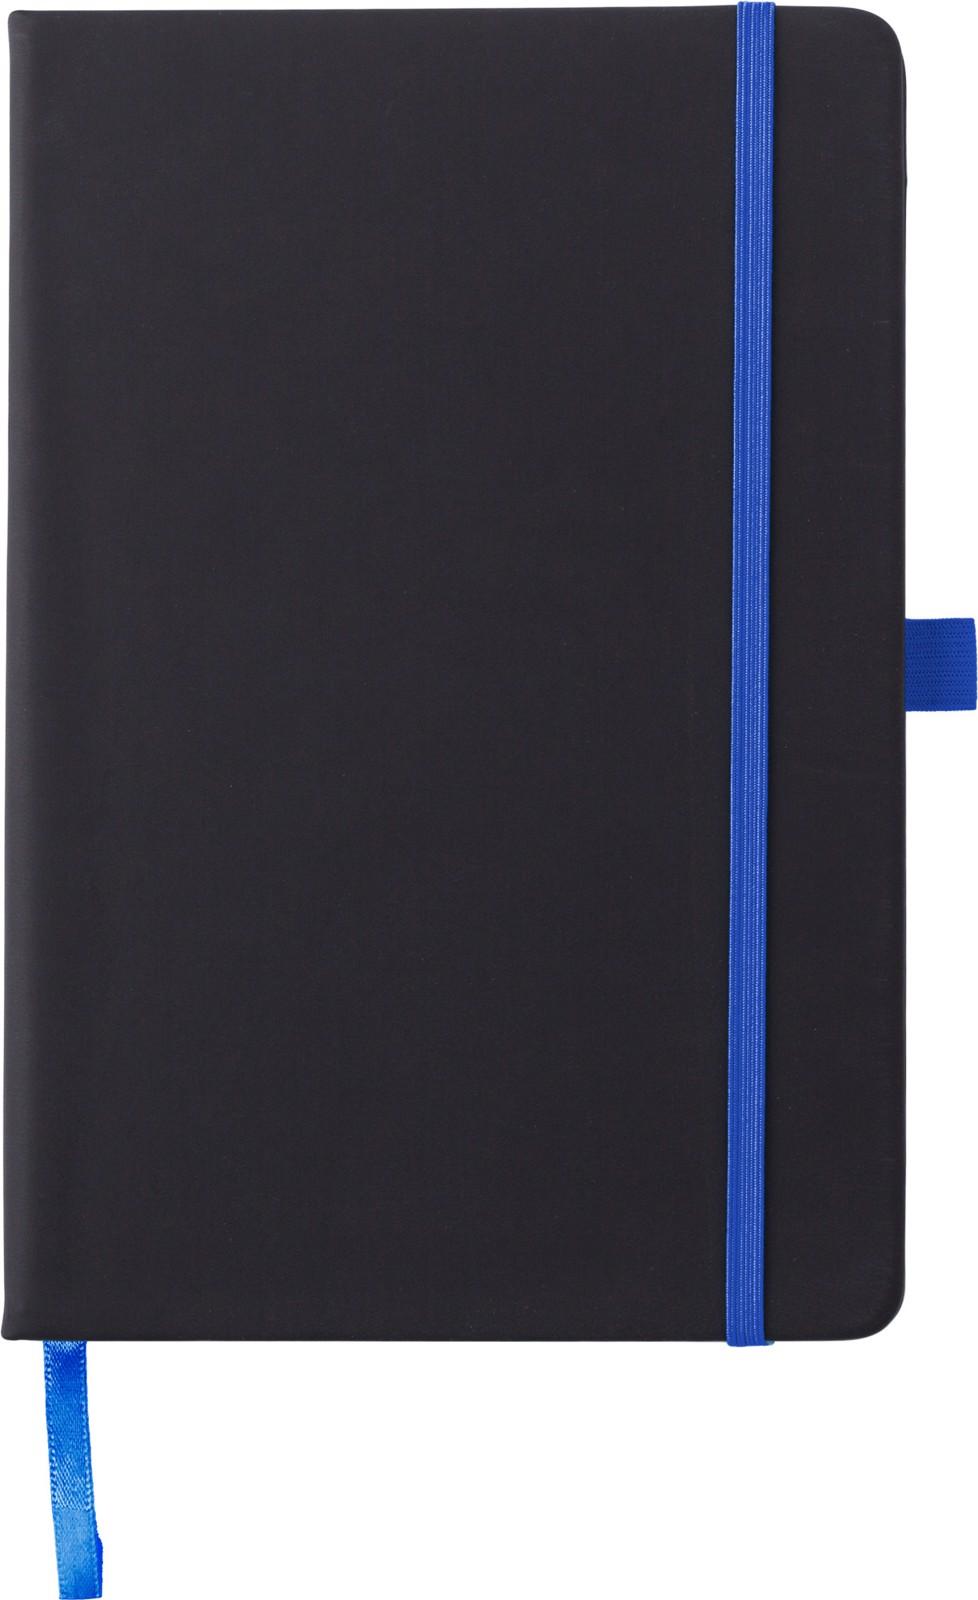 PU notebook - Cobalt Blue